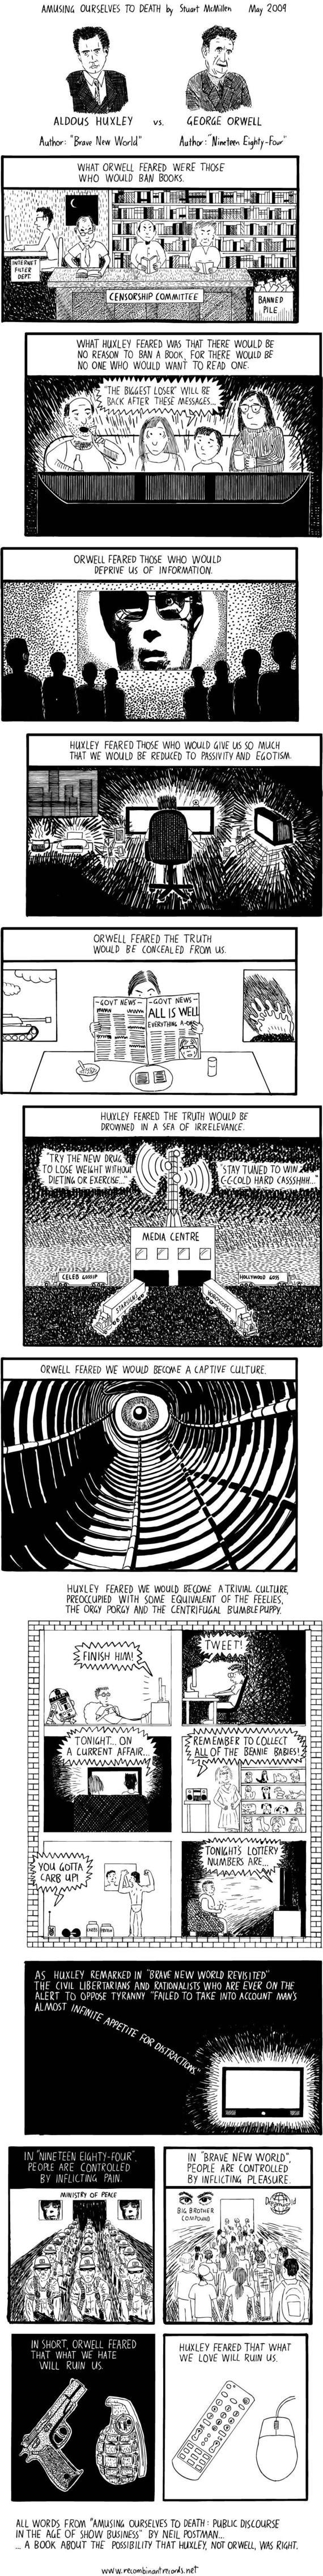 Huxley or Orwell